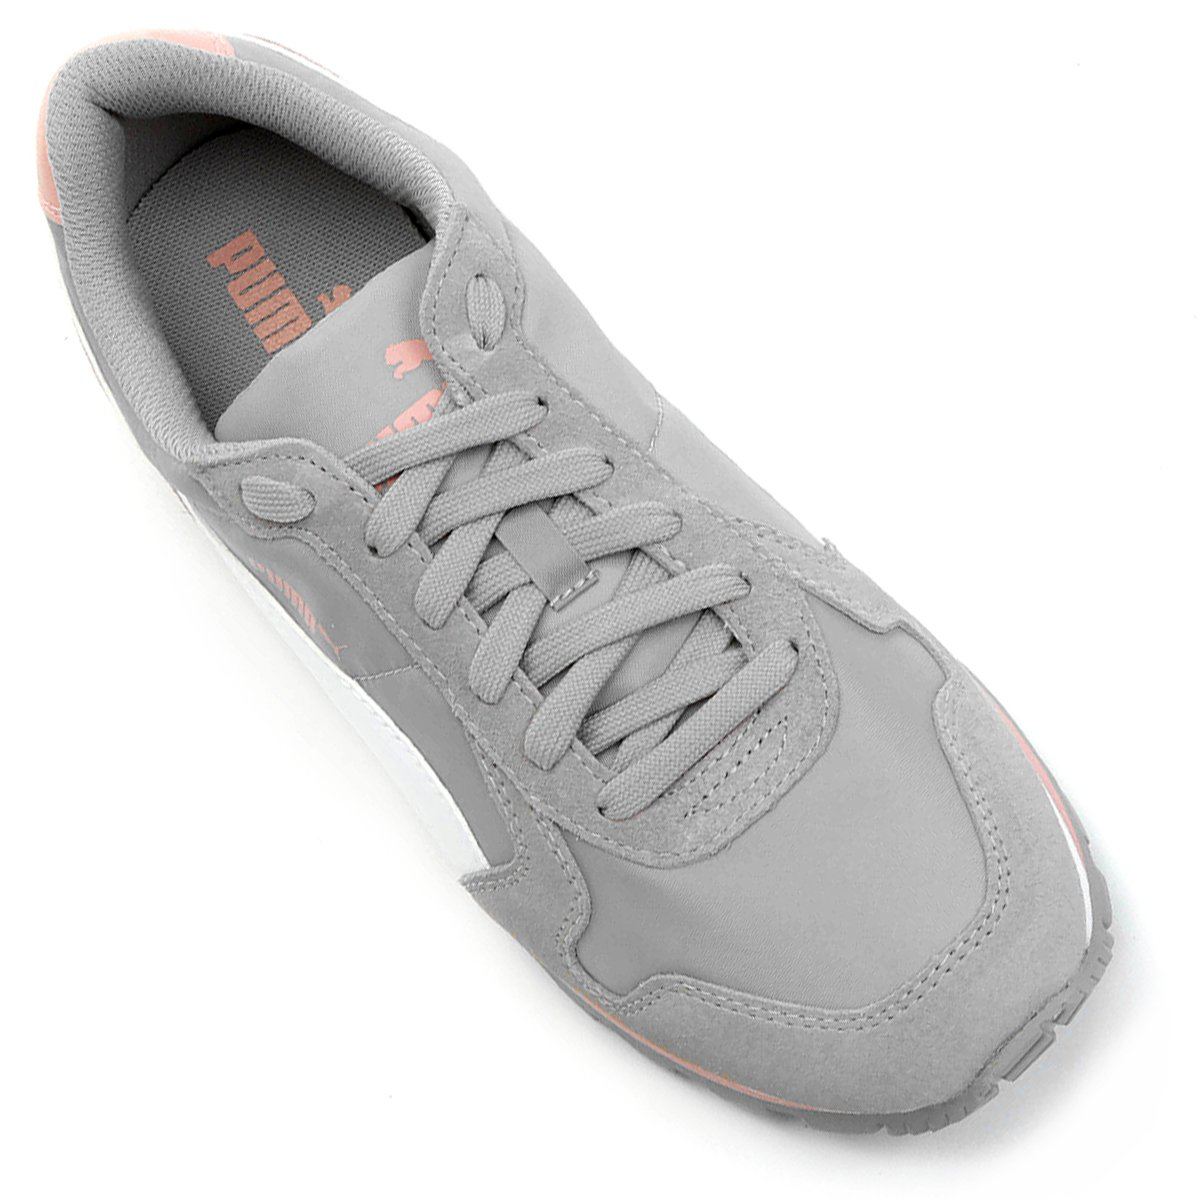 Tênis Puma ST Runner NL - Compre Agora  13021c19ecd82